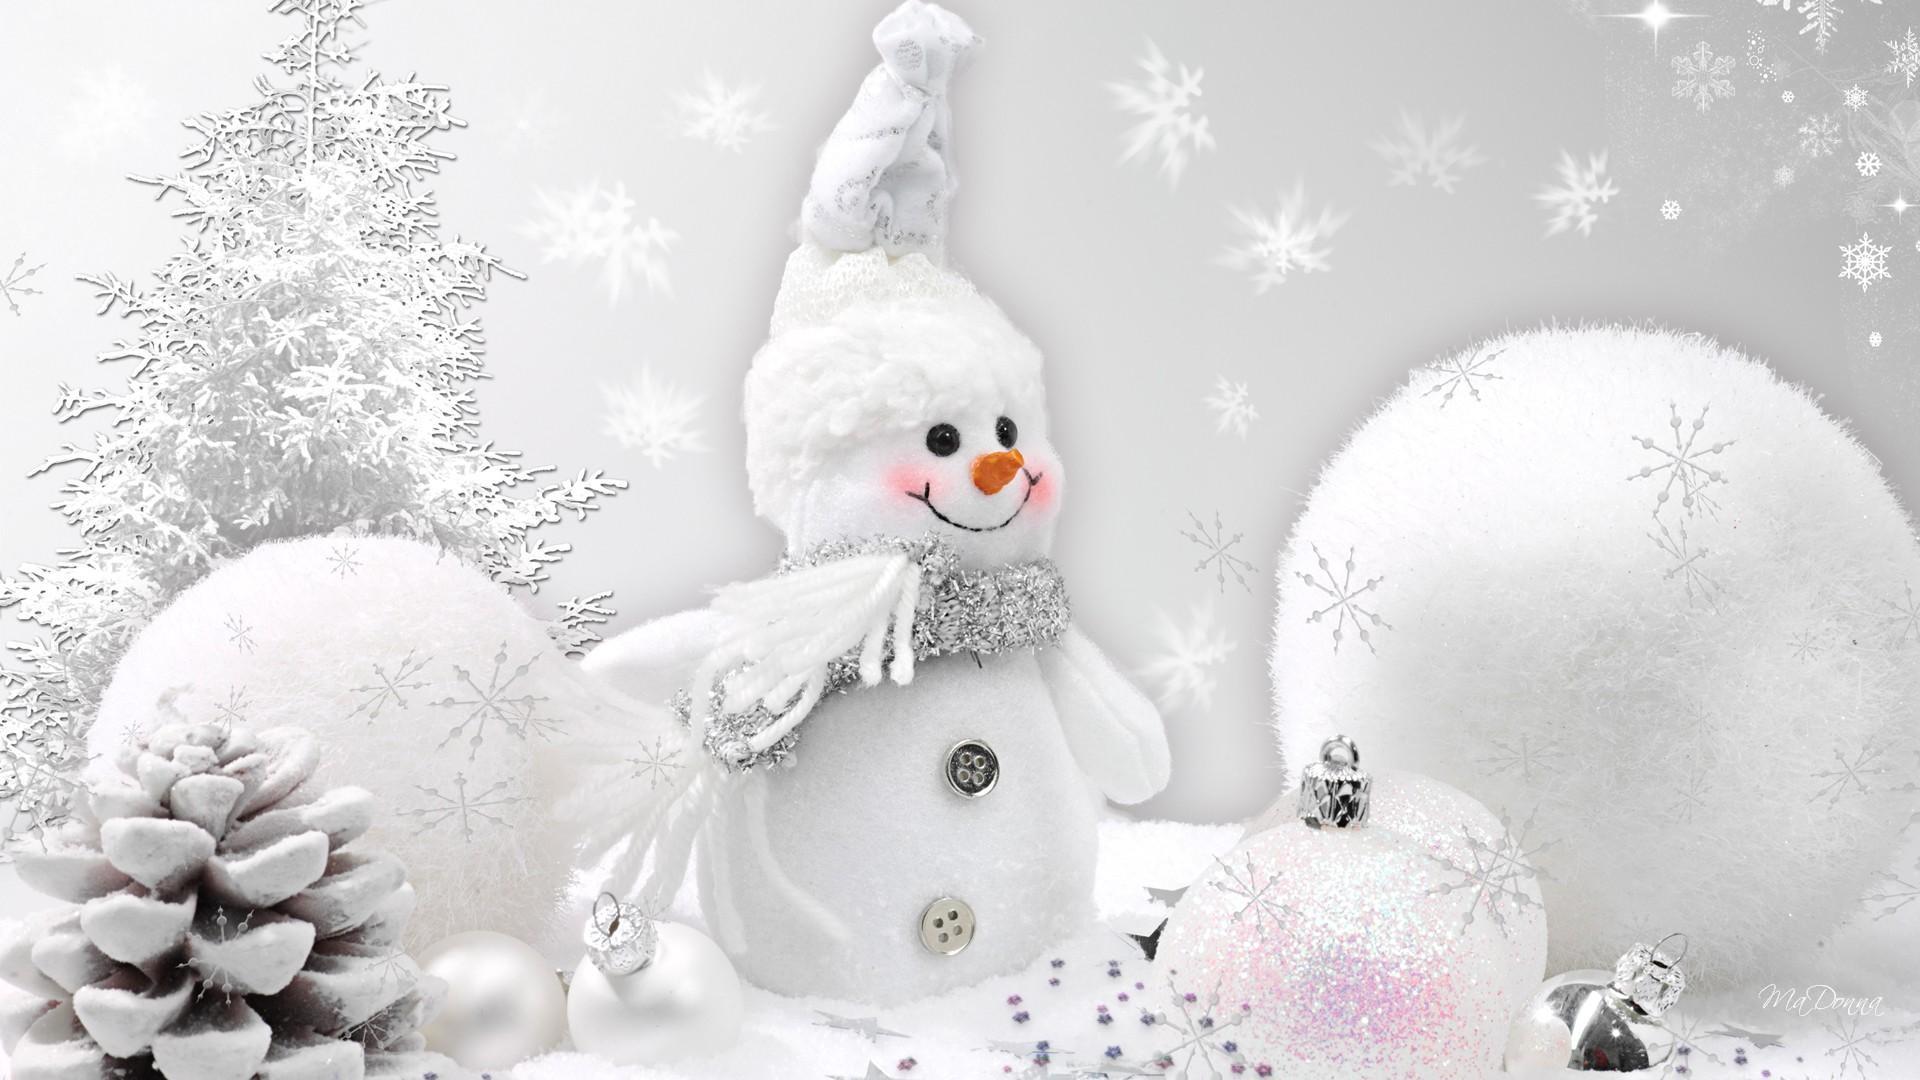 White Christmas Wallpaper 1